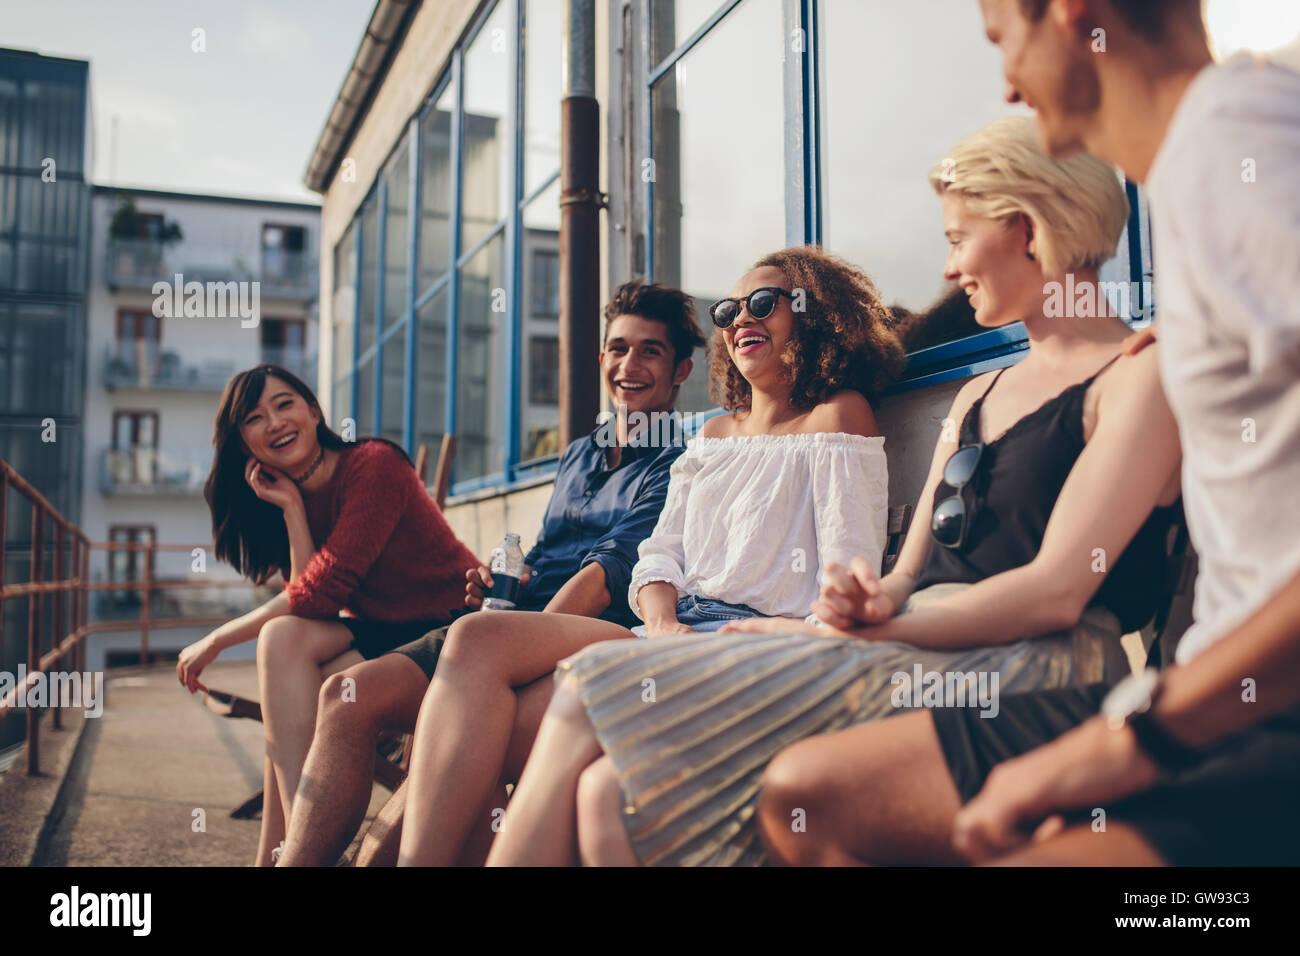 Grupo multirracial de amigos sentados en el balcón y sonriente. Los jóvenes relajarse al aire libre en Imagen De Stock